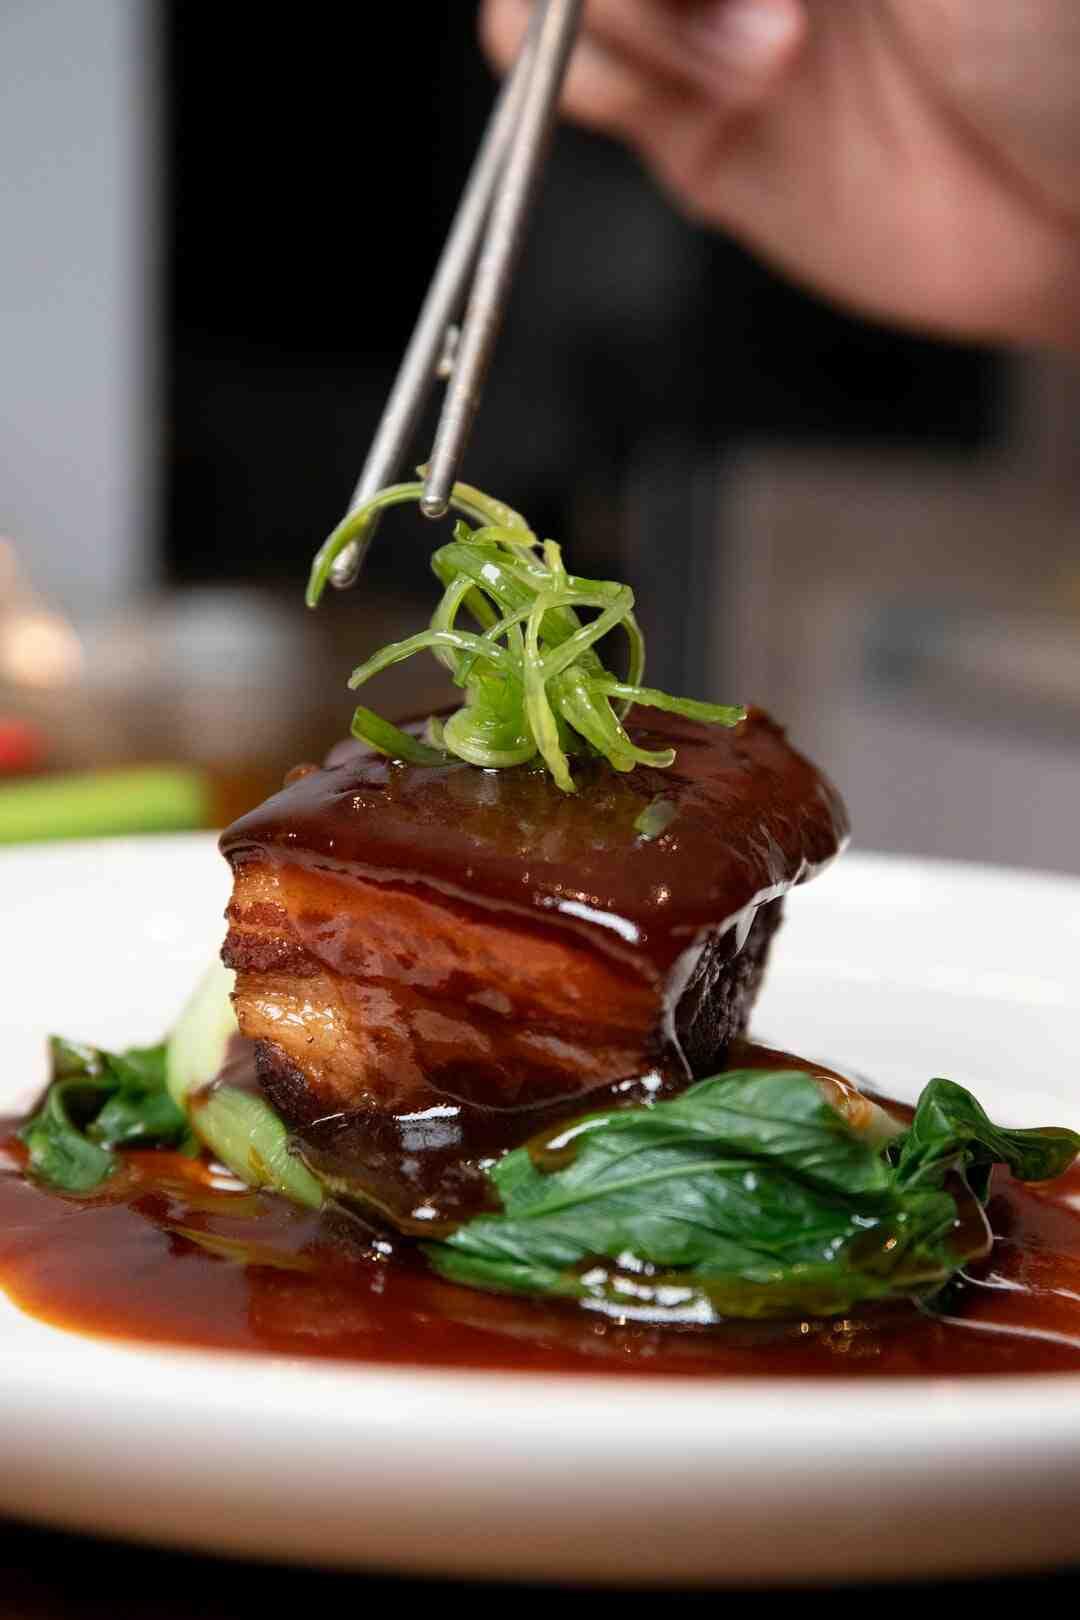 Comment dégeler de la viande rapidement ?